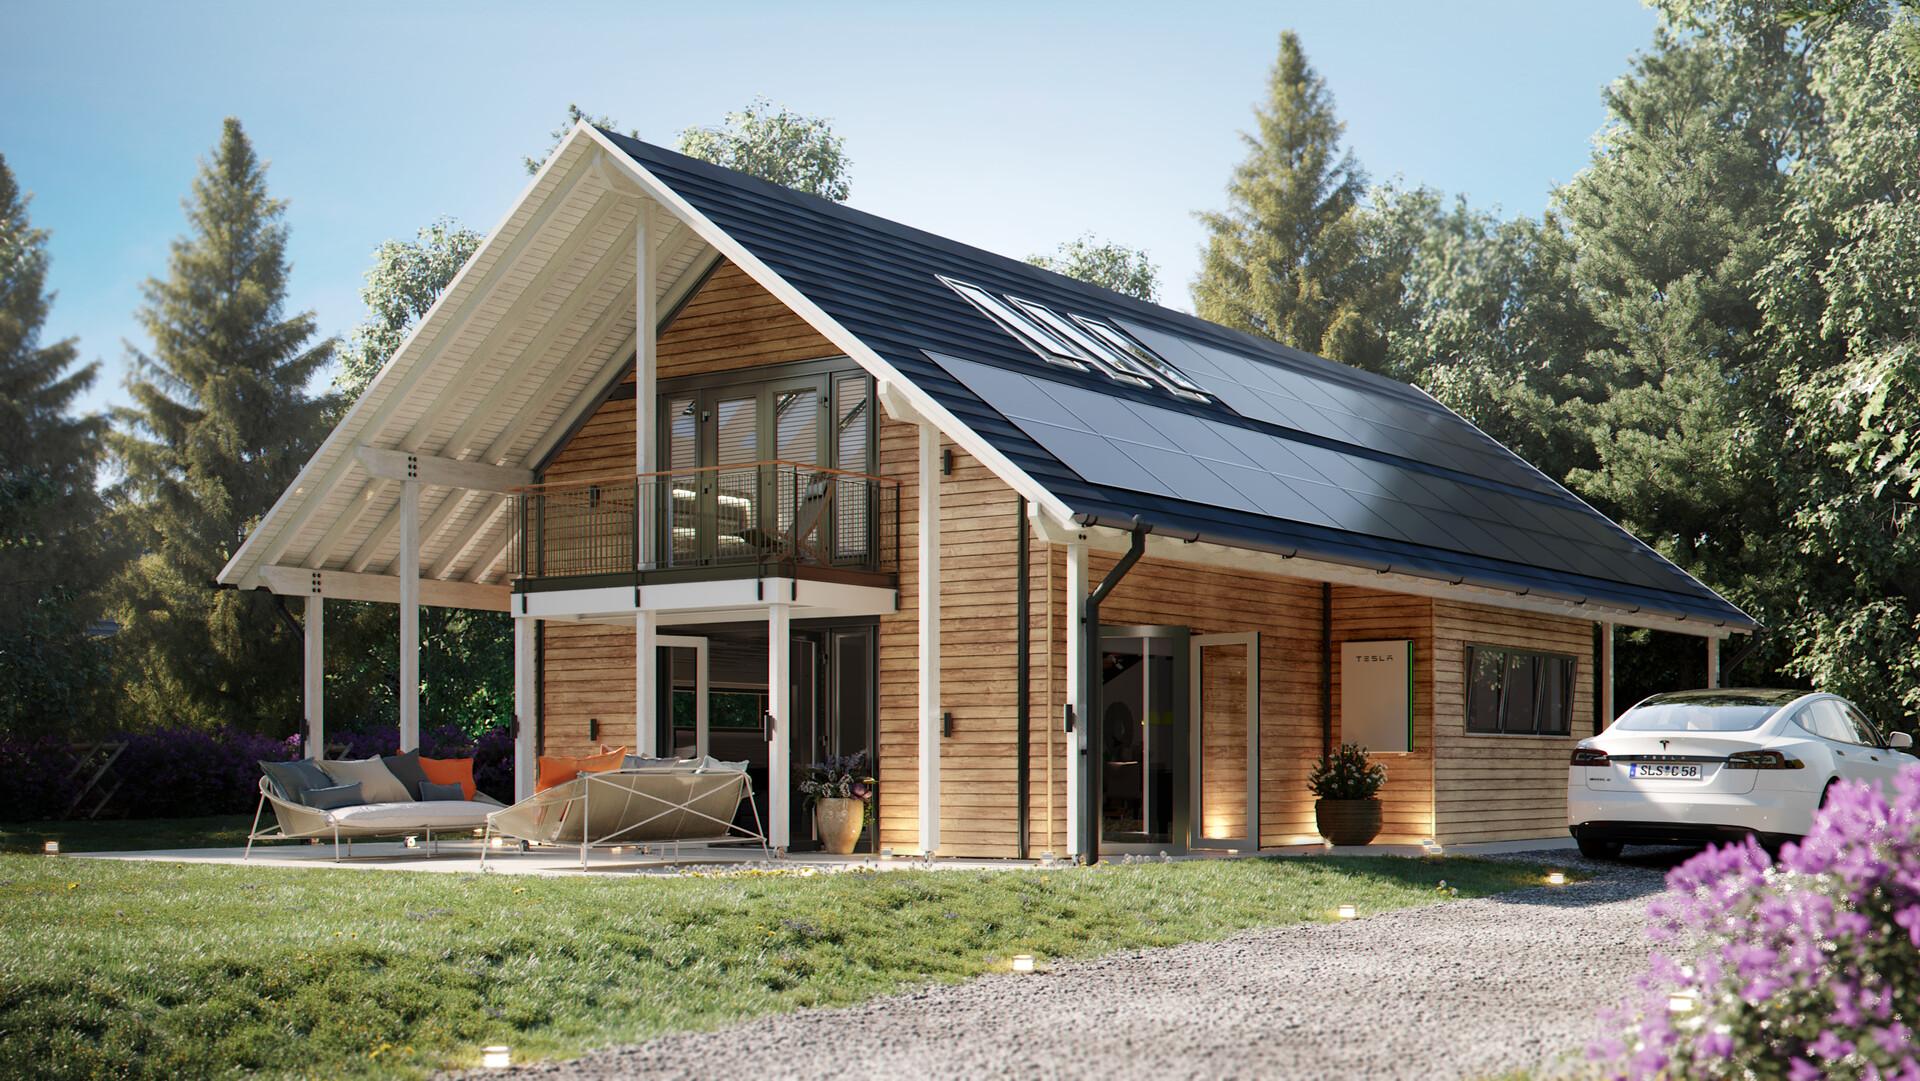 Tesla Energy позитивно оценивает развитие своих солнечных батарей и батарей